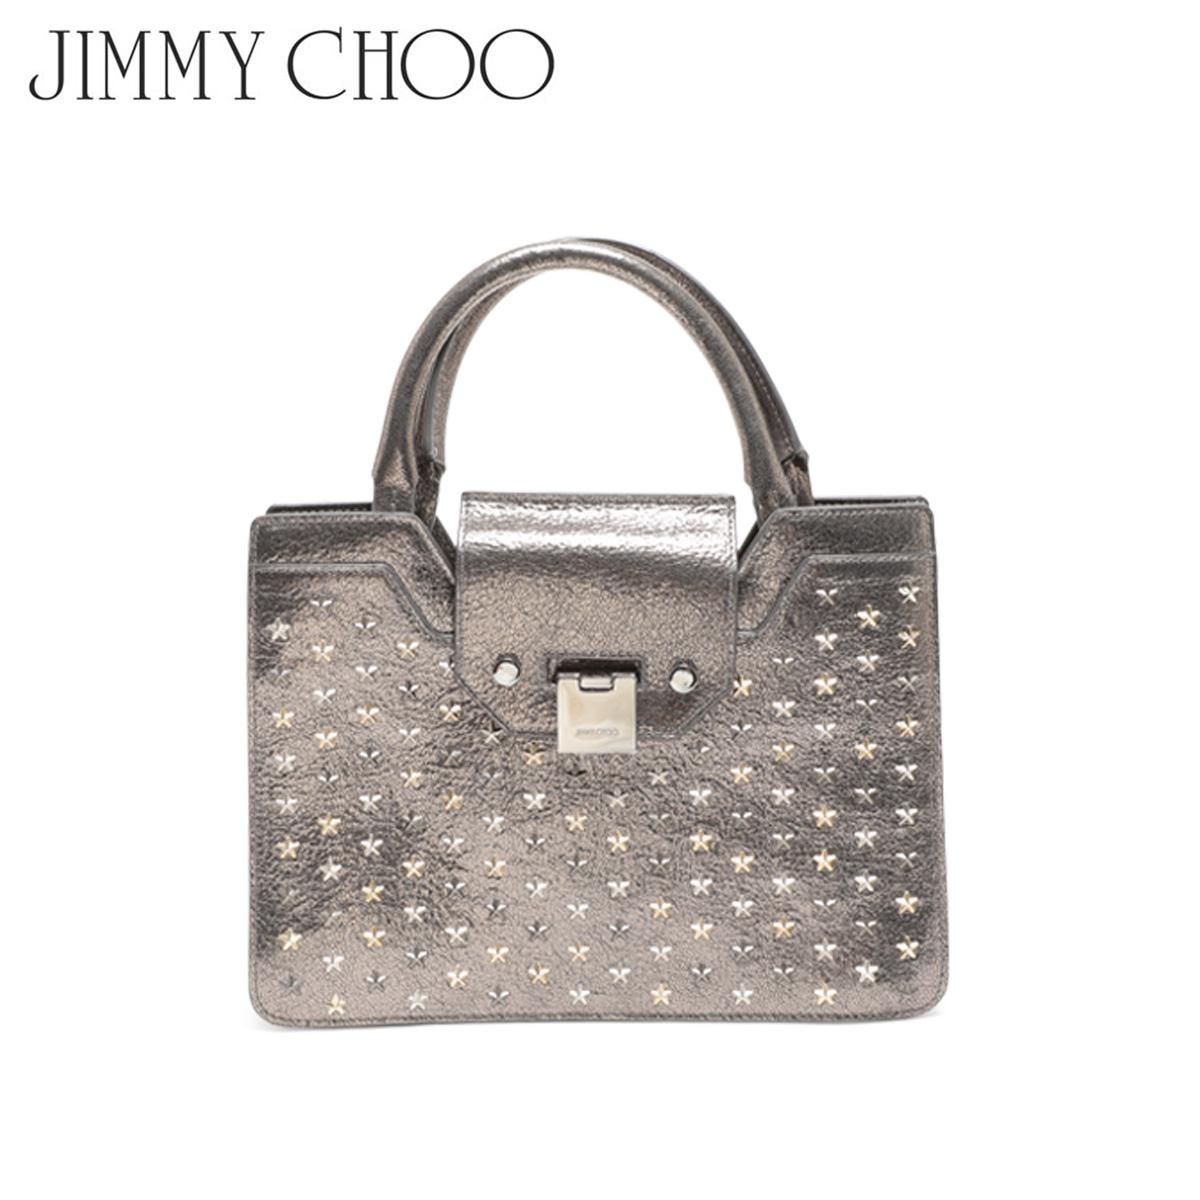 【訳あり】 JIMMY CHOO TOTE BAG ジミーチュウ バッグ トートバッグ スタッズ レディース シルバー 1116261 【返品不可】